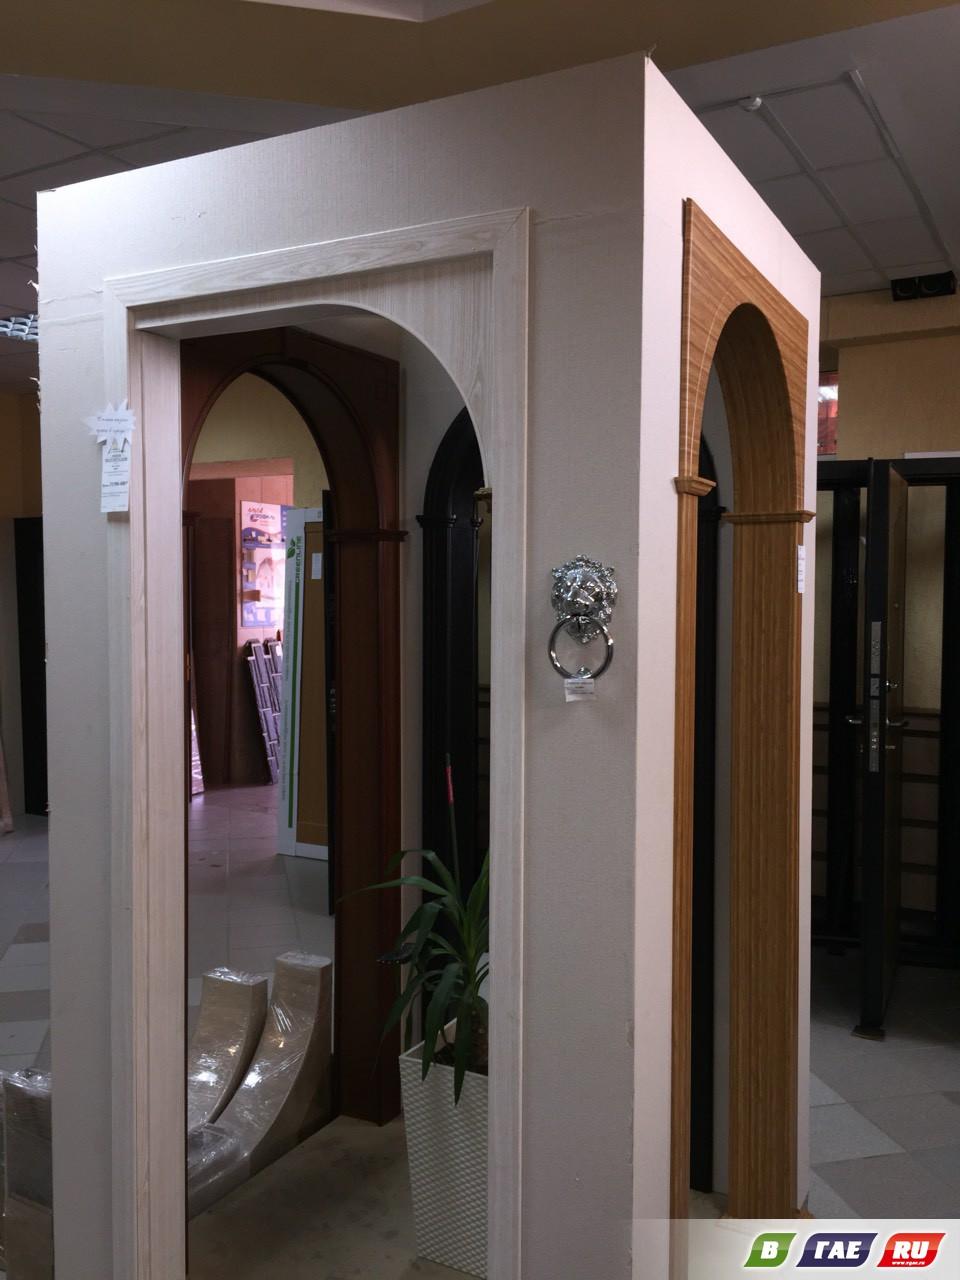 Салон «Царь Дверей»